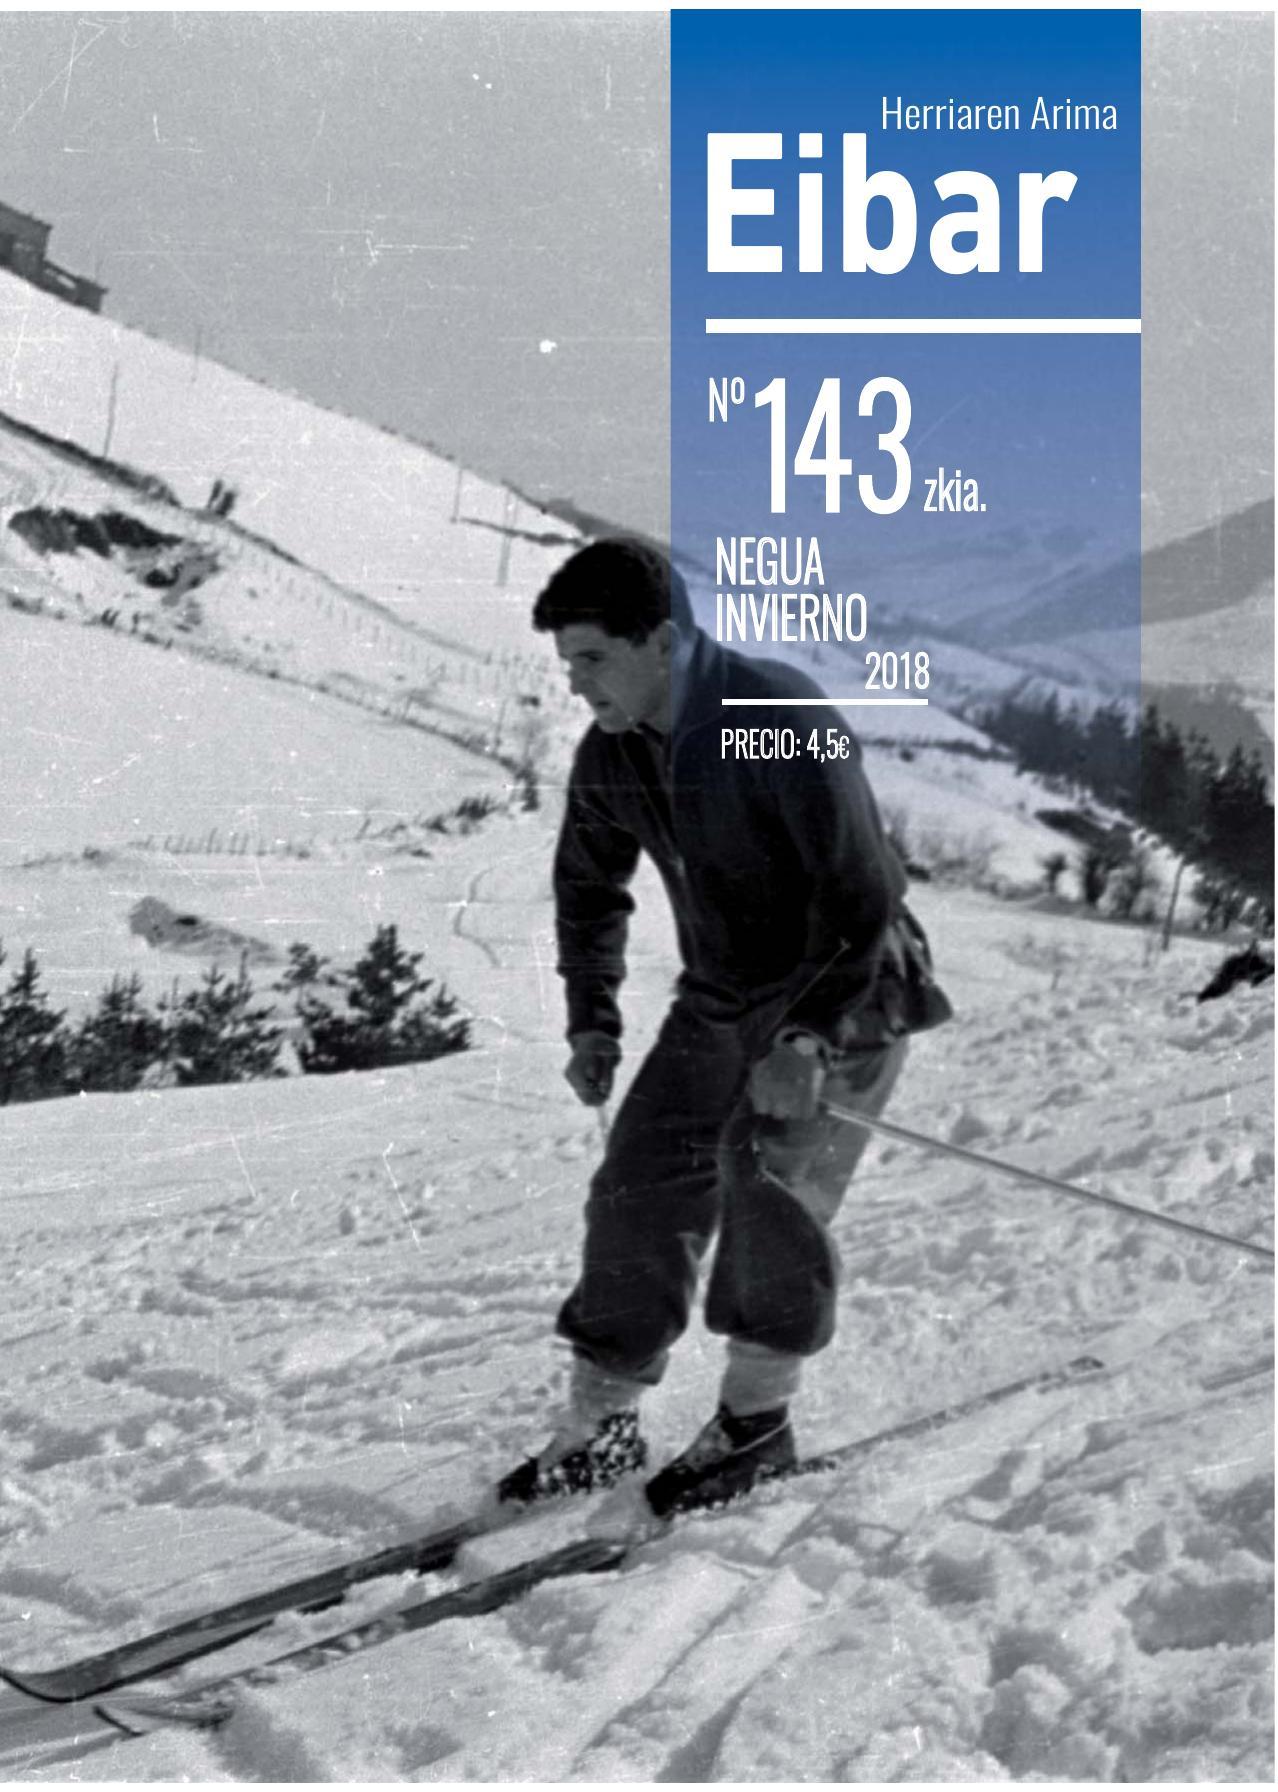 Eibar aldizkariaren azken alea webgune honetan, herriko kioskoetan eta etxeetan: 1952tik lanean etengabe.